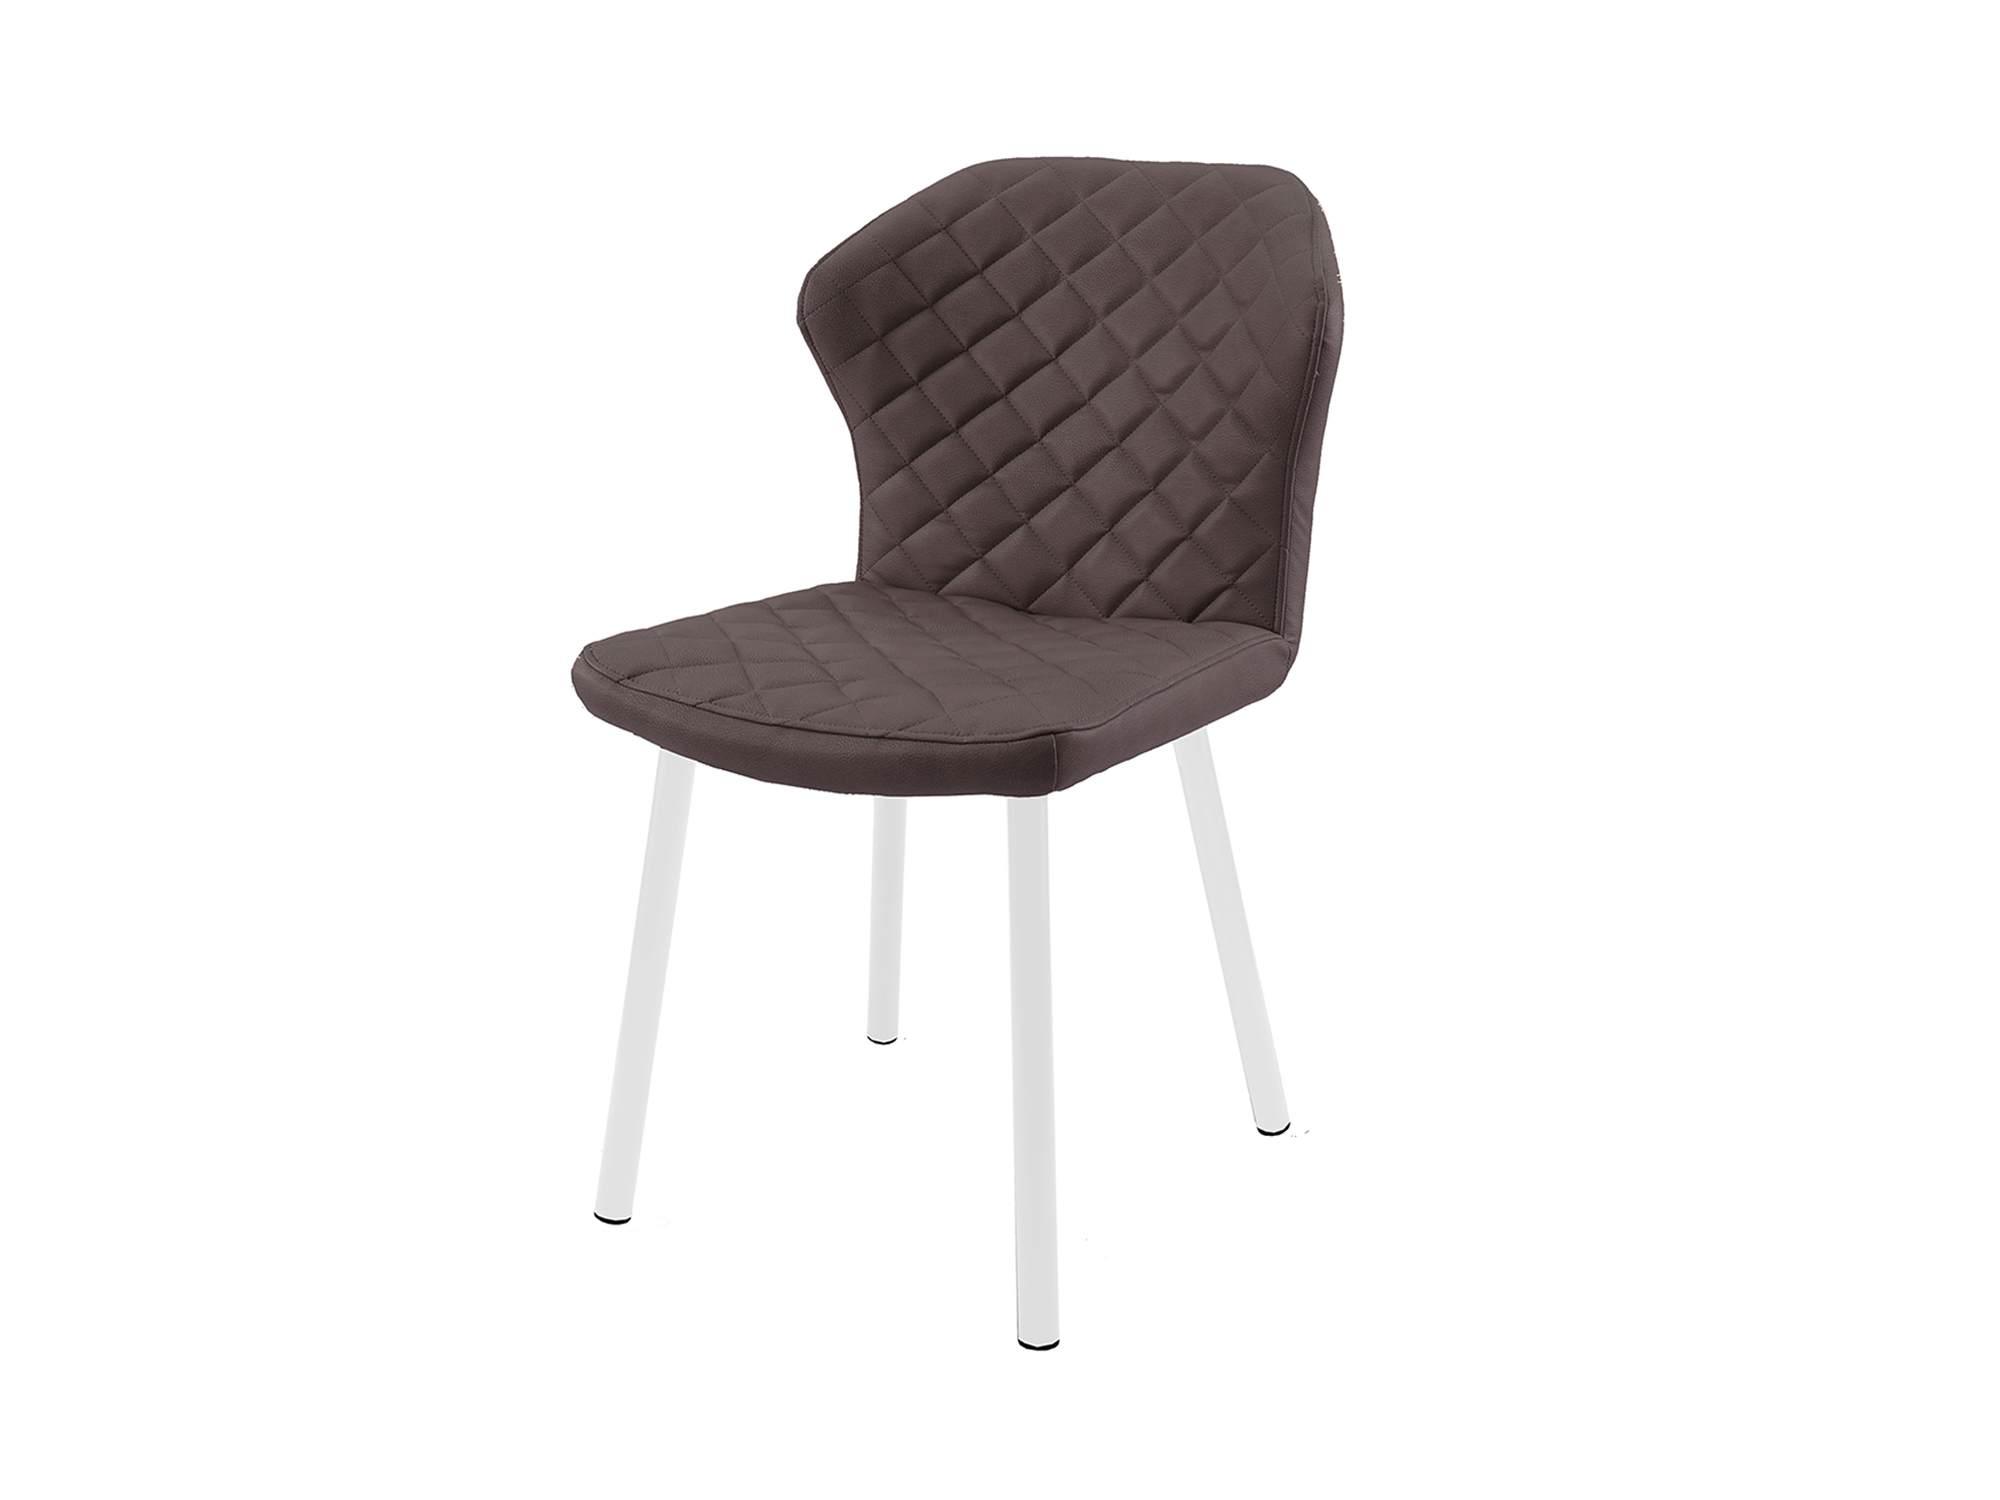 монтаж белые стулья коричневая ткань фото может больше